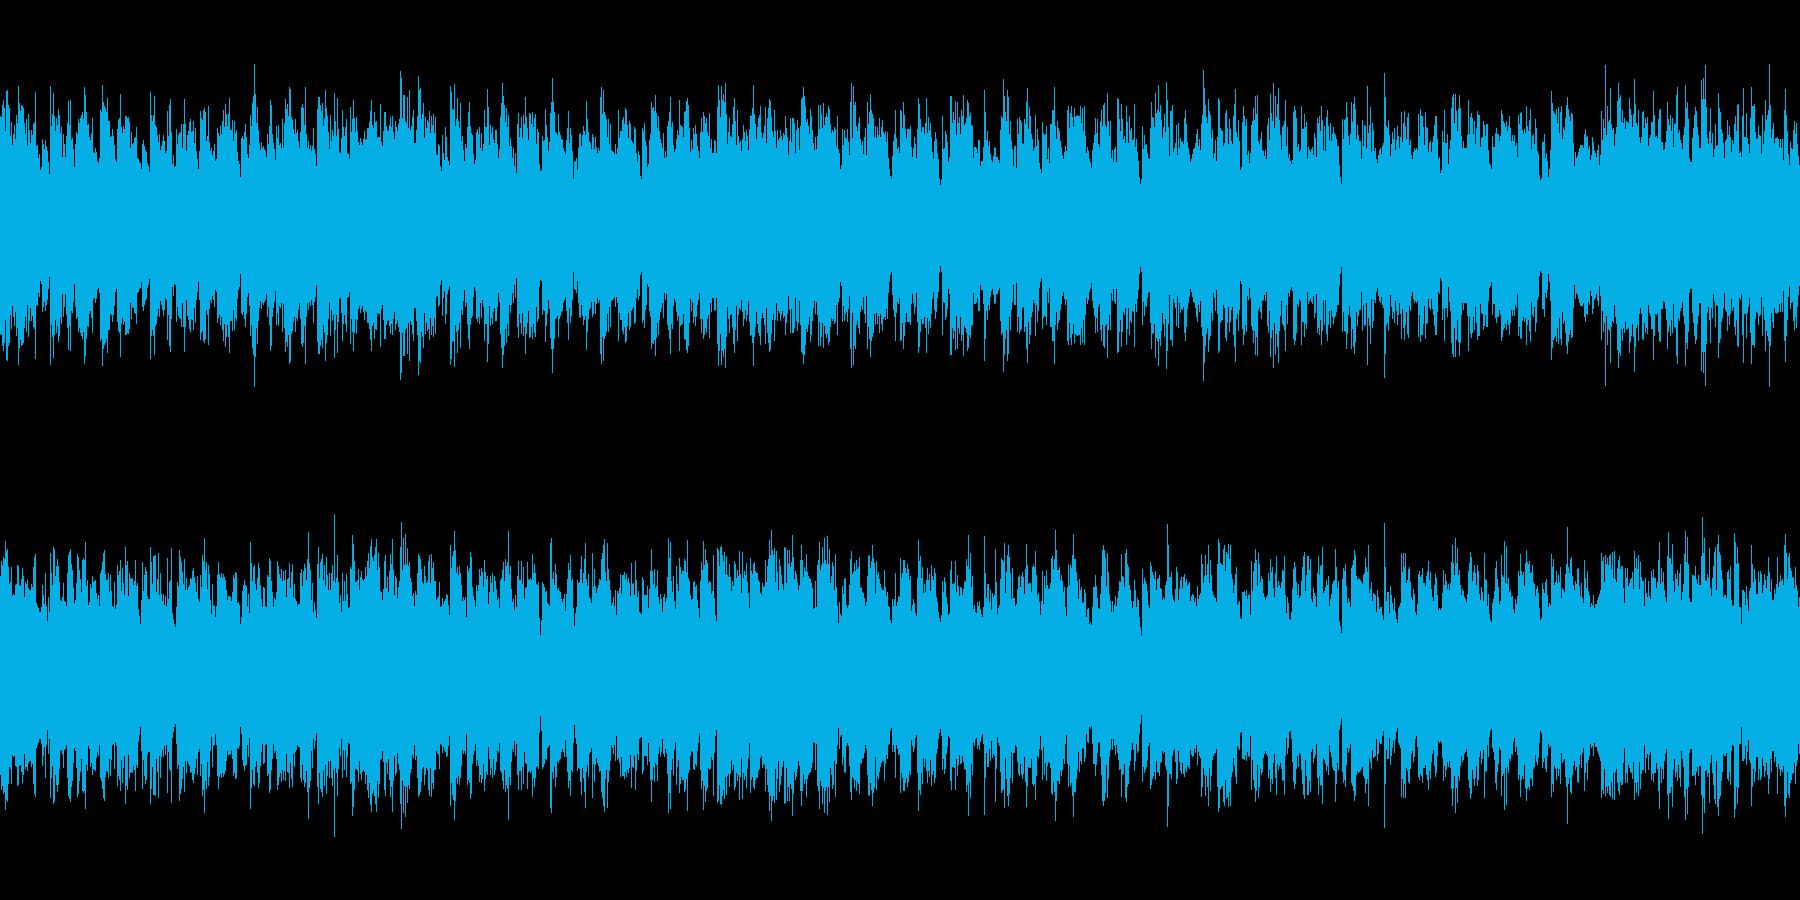 民族調 行進曲 ループの再生済みの波形